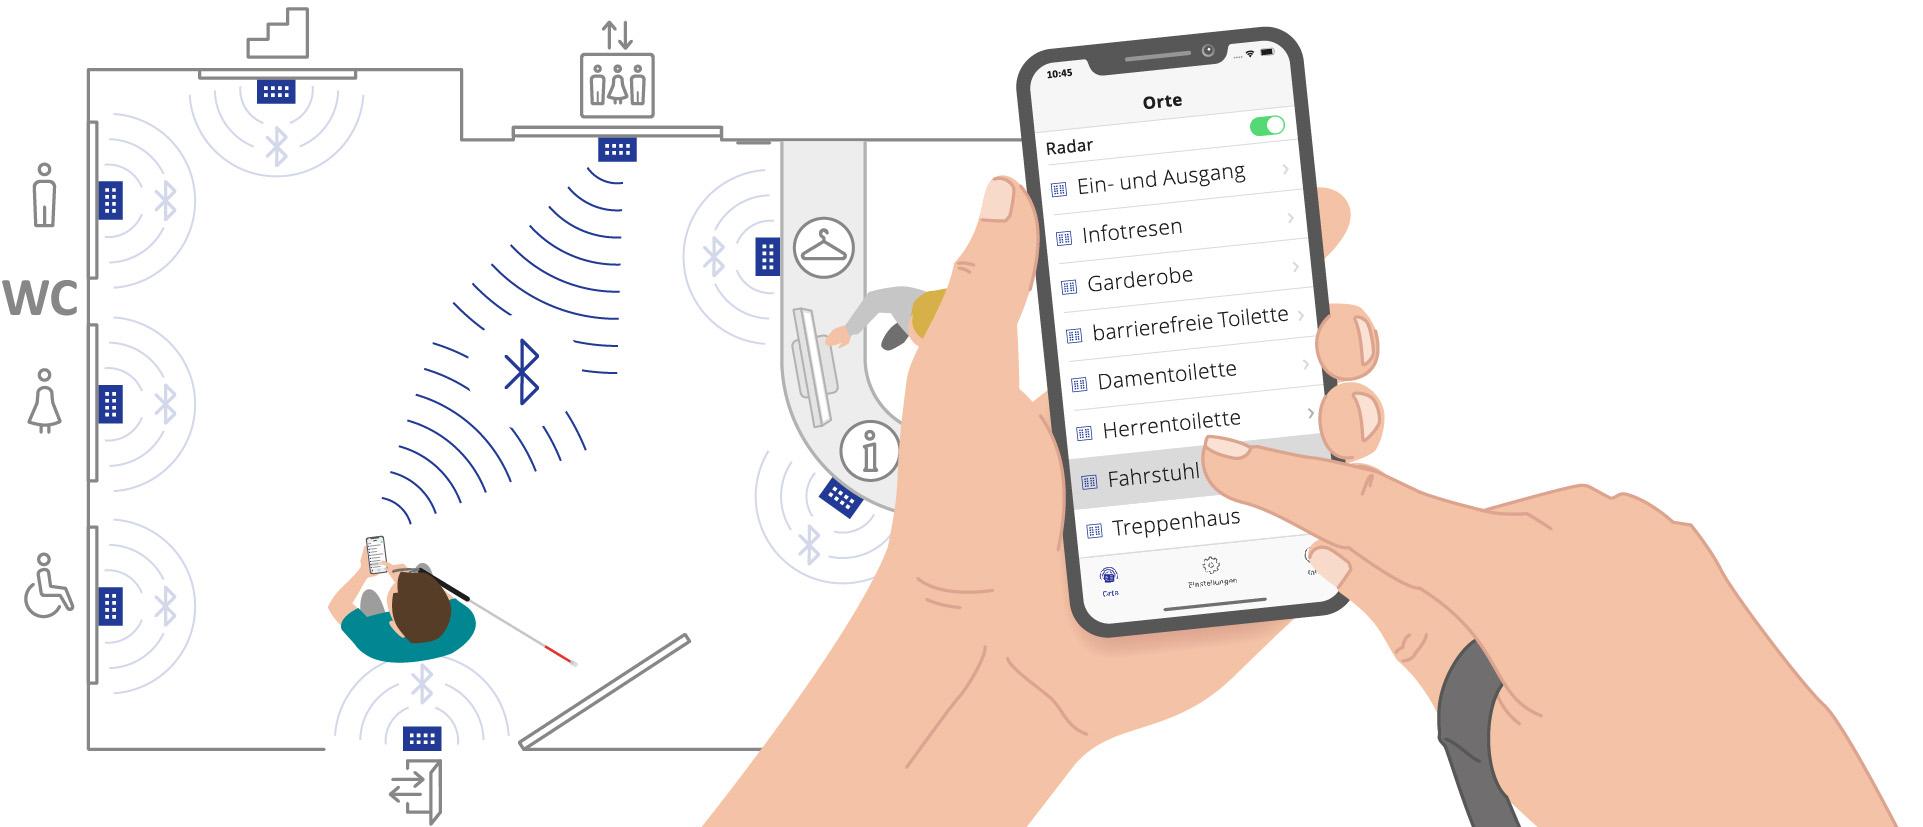 """Schematische Darstellung des Innenraumes wie im vorhergehenden Bild. Der Mann wählt im Detailbild des Smartphones in der BlindFind-App den Punkt """"Fahrstuhl"""". Das Smartphone nimmt Verbindung mit der entsprechenden Visor-Box auf. Verdeutlicht wird das durch blaue Linien zwischen beiden Geräten."""